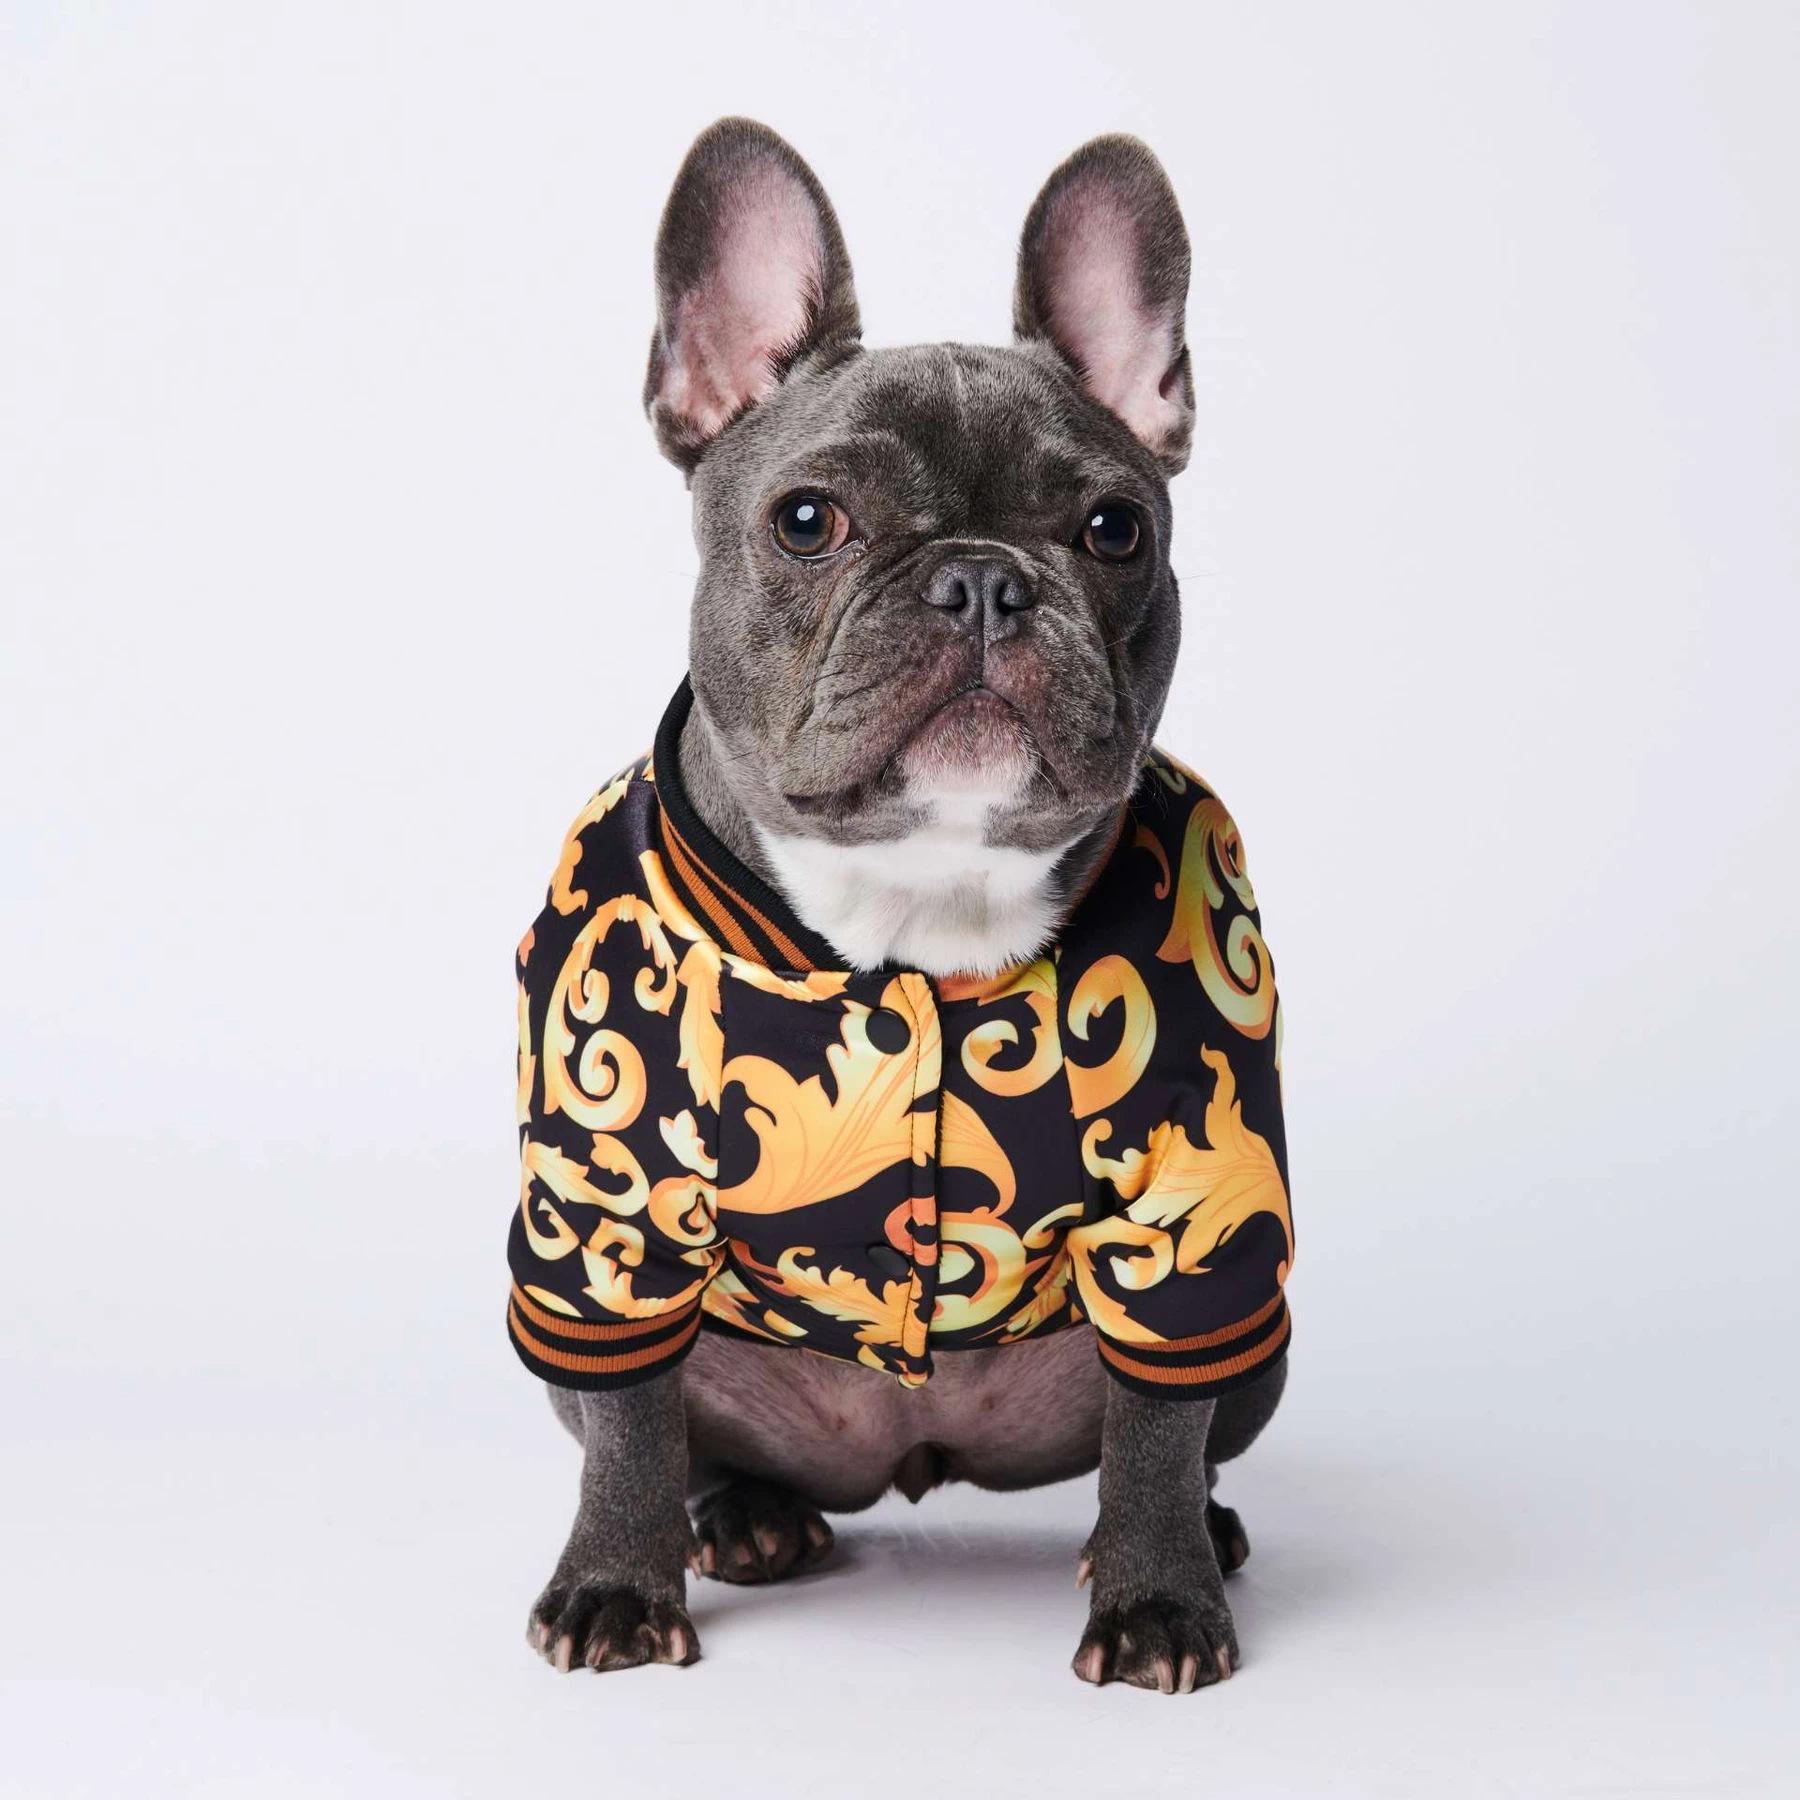 الياقات الفاخرة الياقات بالإضافة إلى سميكة الدافئة الخريف والشتاء السنة الجديدة تيدي القانون دلو كورجي مبطن معطف الحيوانات الأليفة الكلب الملابس سترة